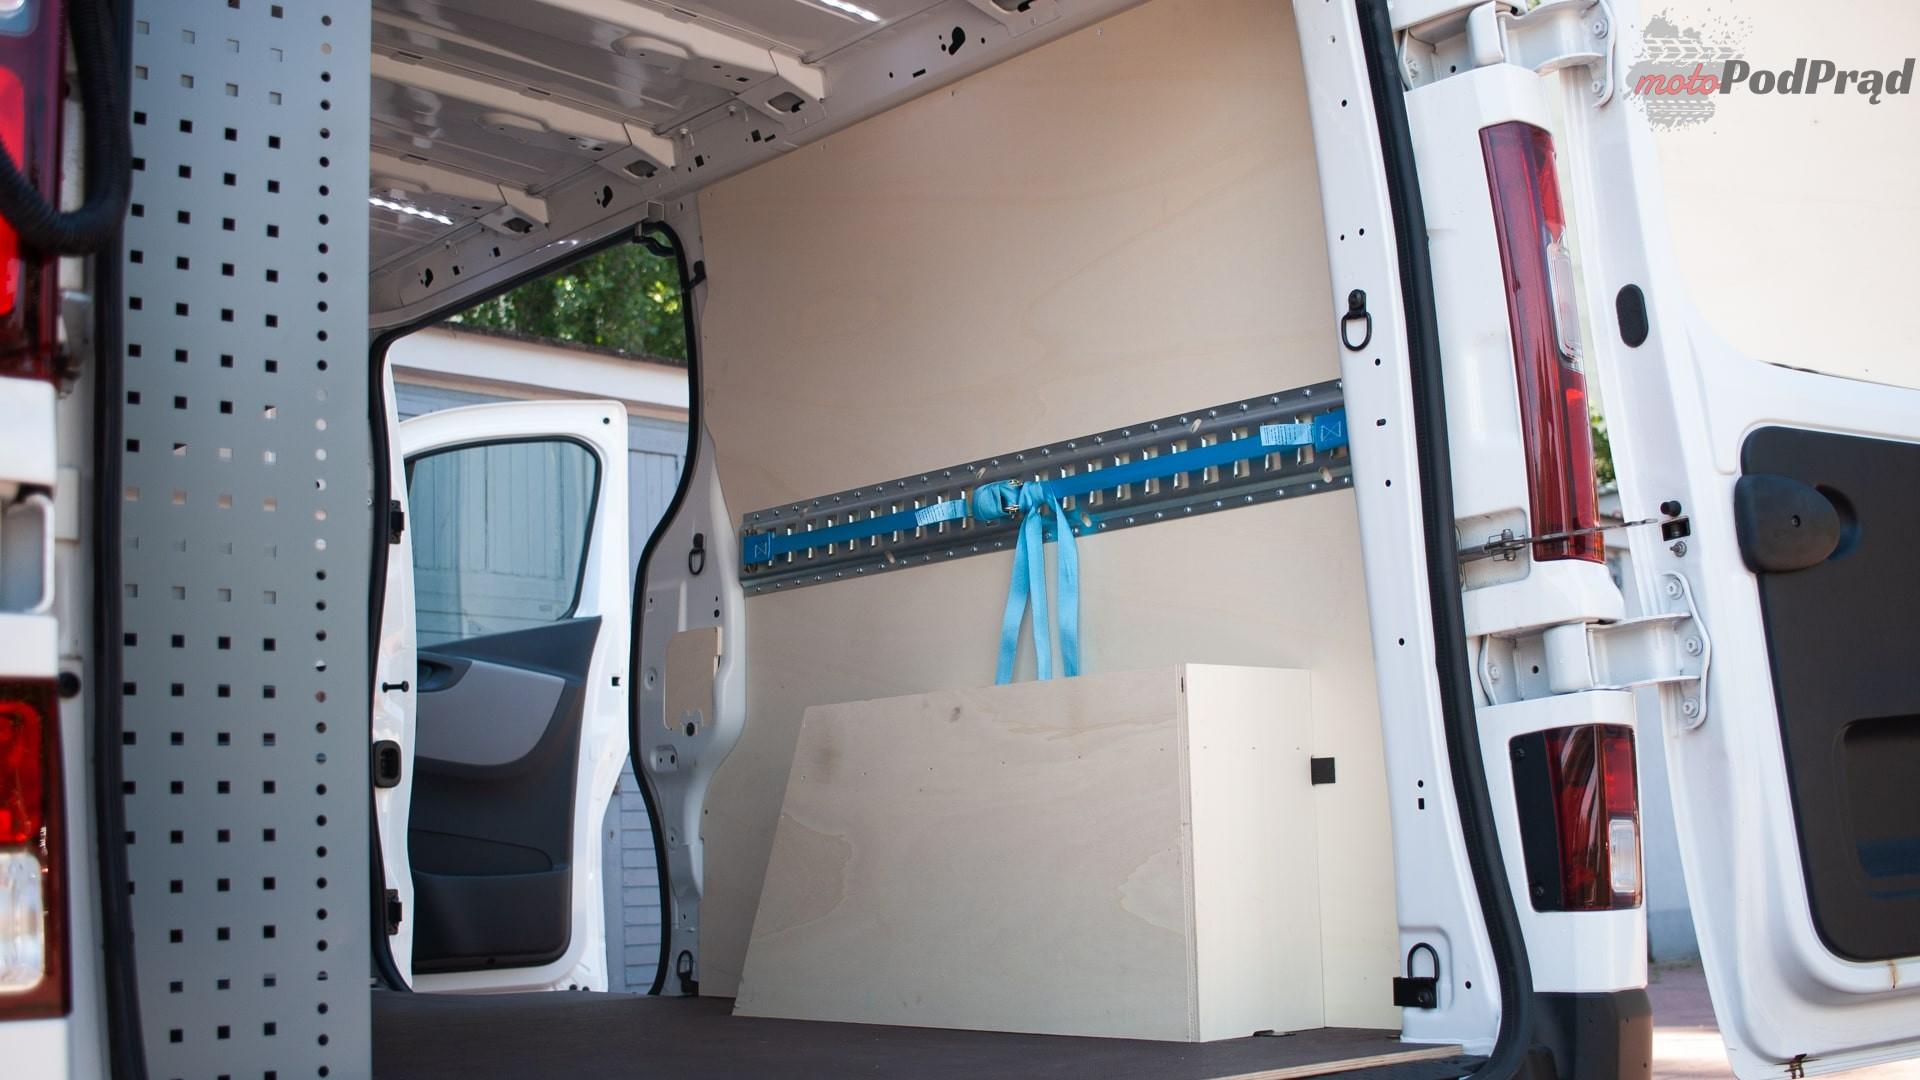 renault trafic 14 Test: Renault Trafic furgon z zabudową Renault Tech – mobilny serwis